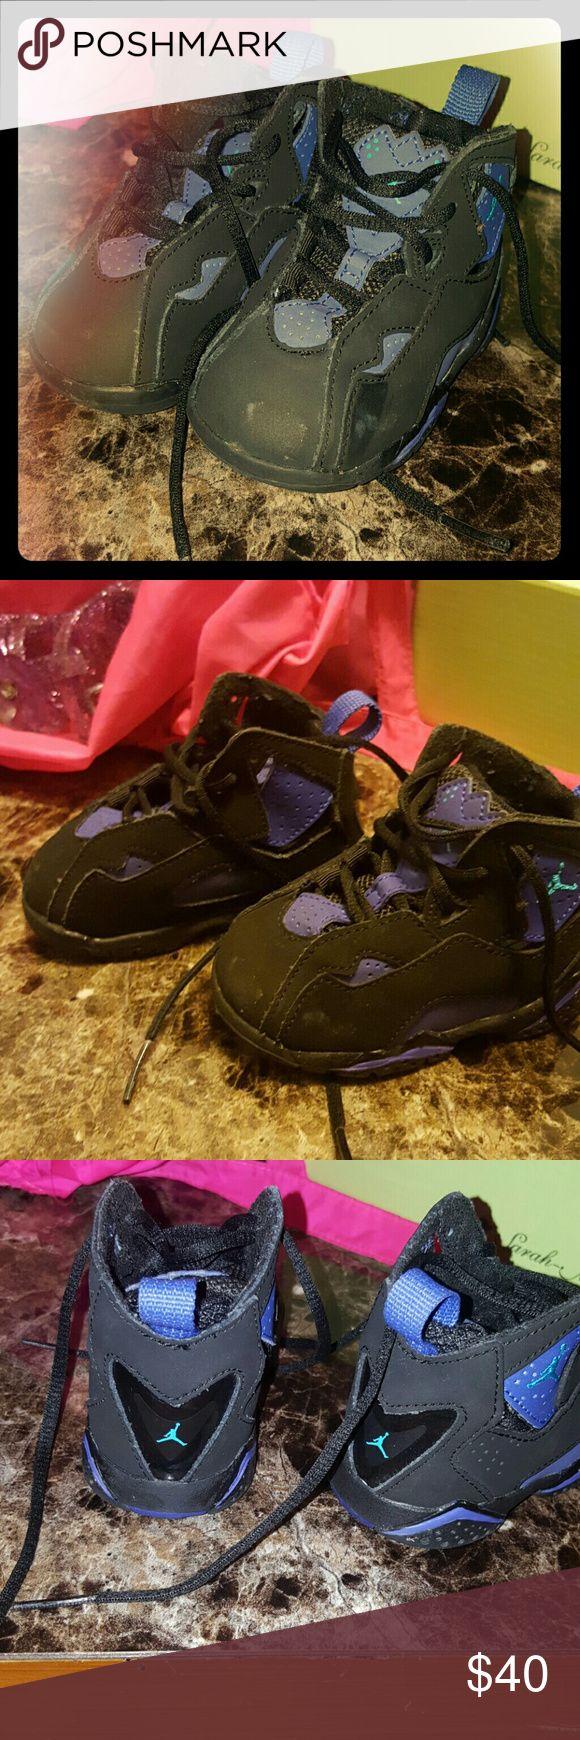 Infant tennis shoes size 4 jordan Infant tennis shoes size 4 Jordan Jordan Shoes Sneakers